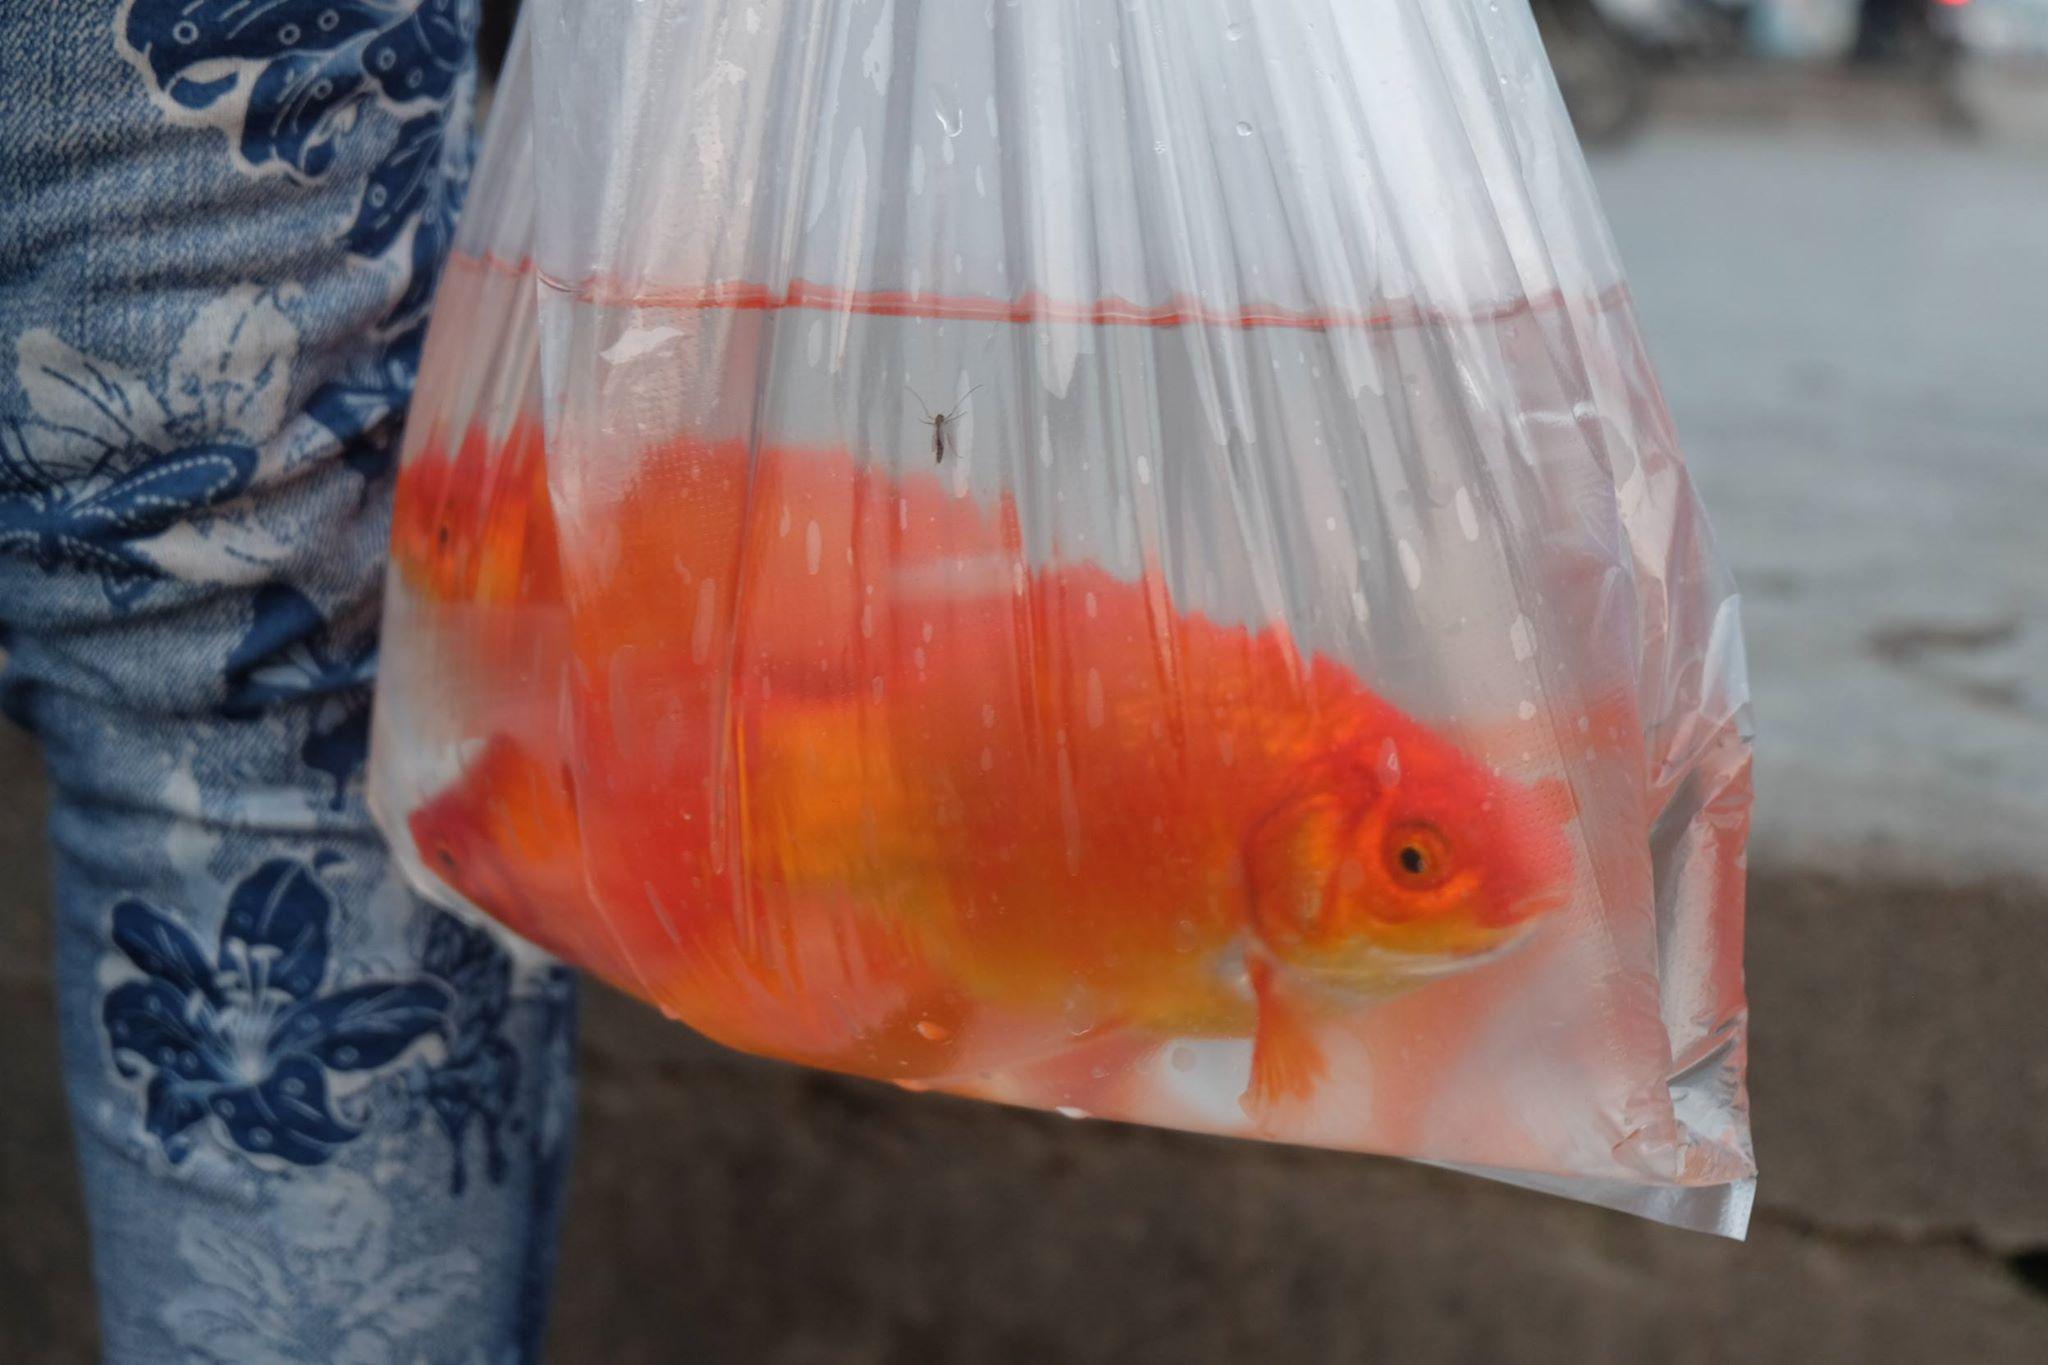 Nhiều người mang cá theo bằng túi nilon